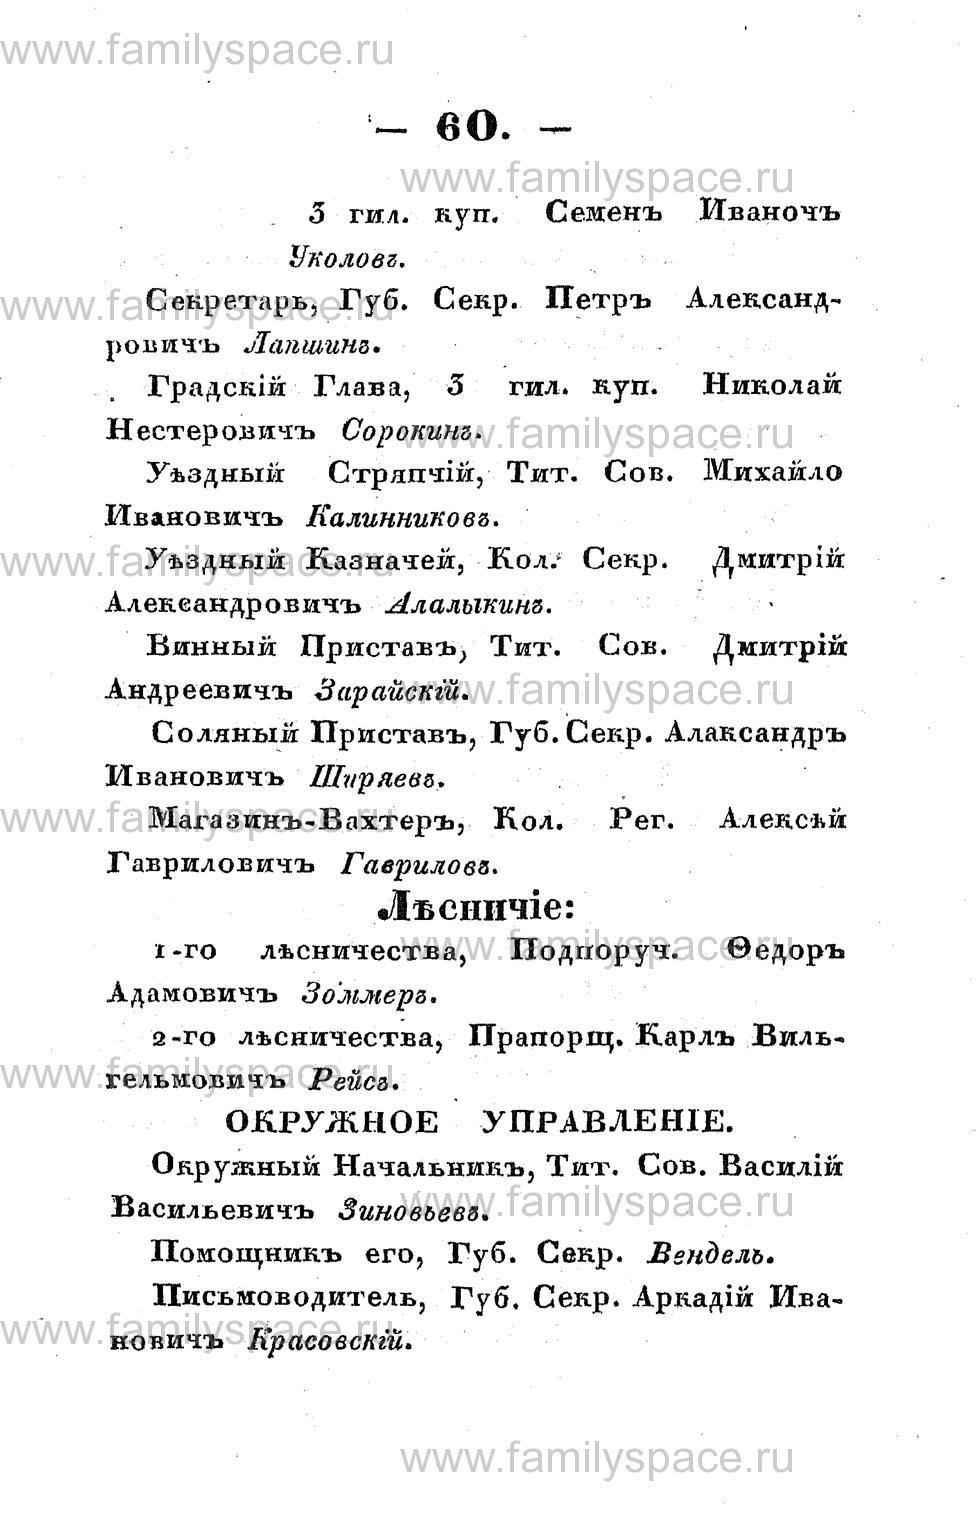 Поиск по фамилии - Памятная книжка Костромской губернии на 1853 год, страница 60